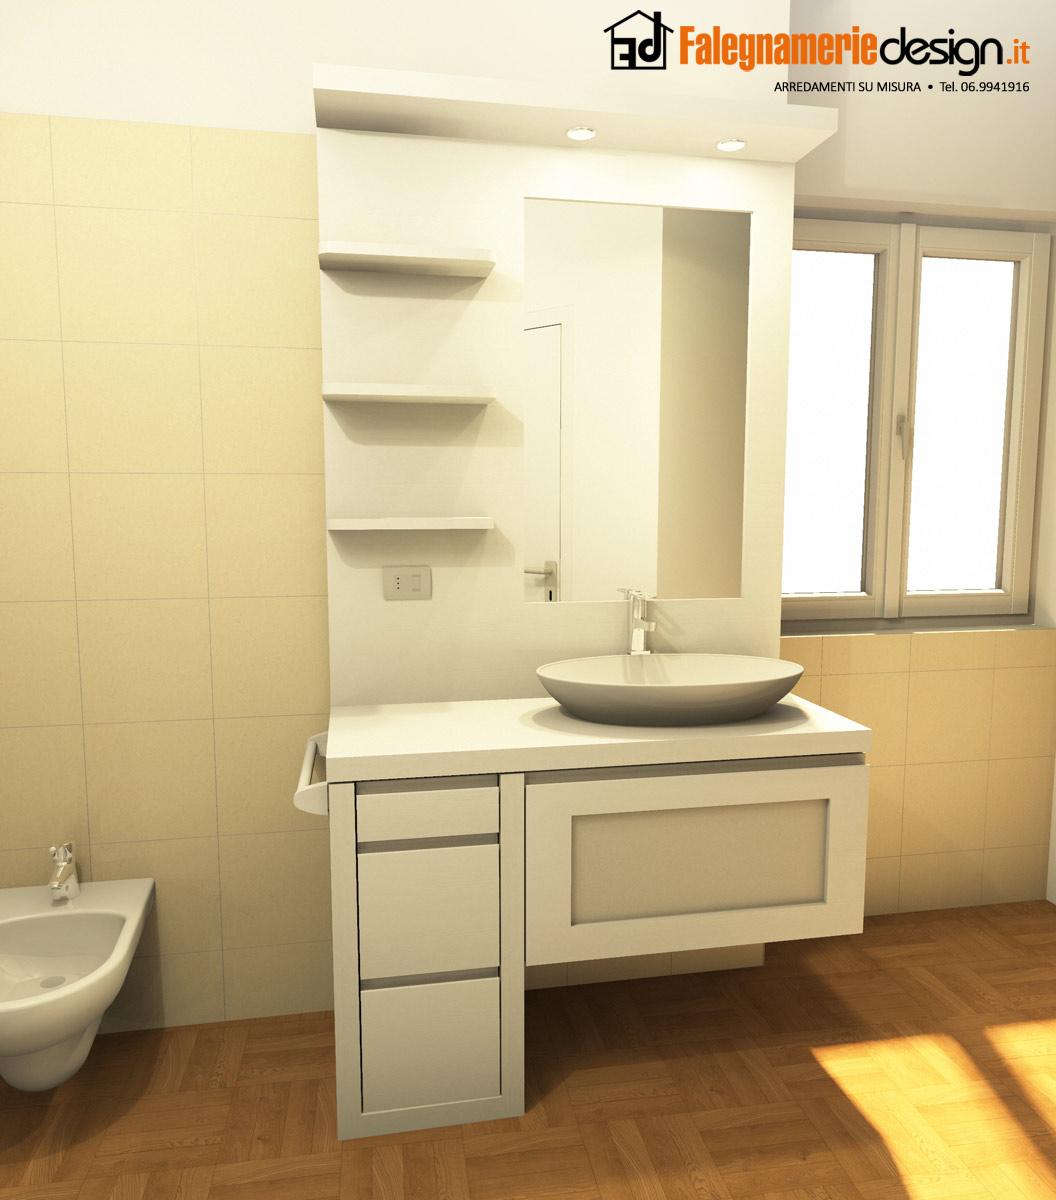 Piccolo mobile in legno per bagno arredamenti e mobili - Mobili per bagno piccolo ...